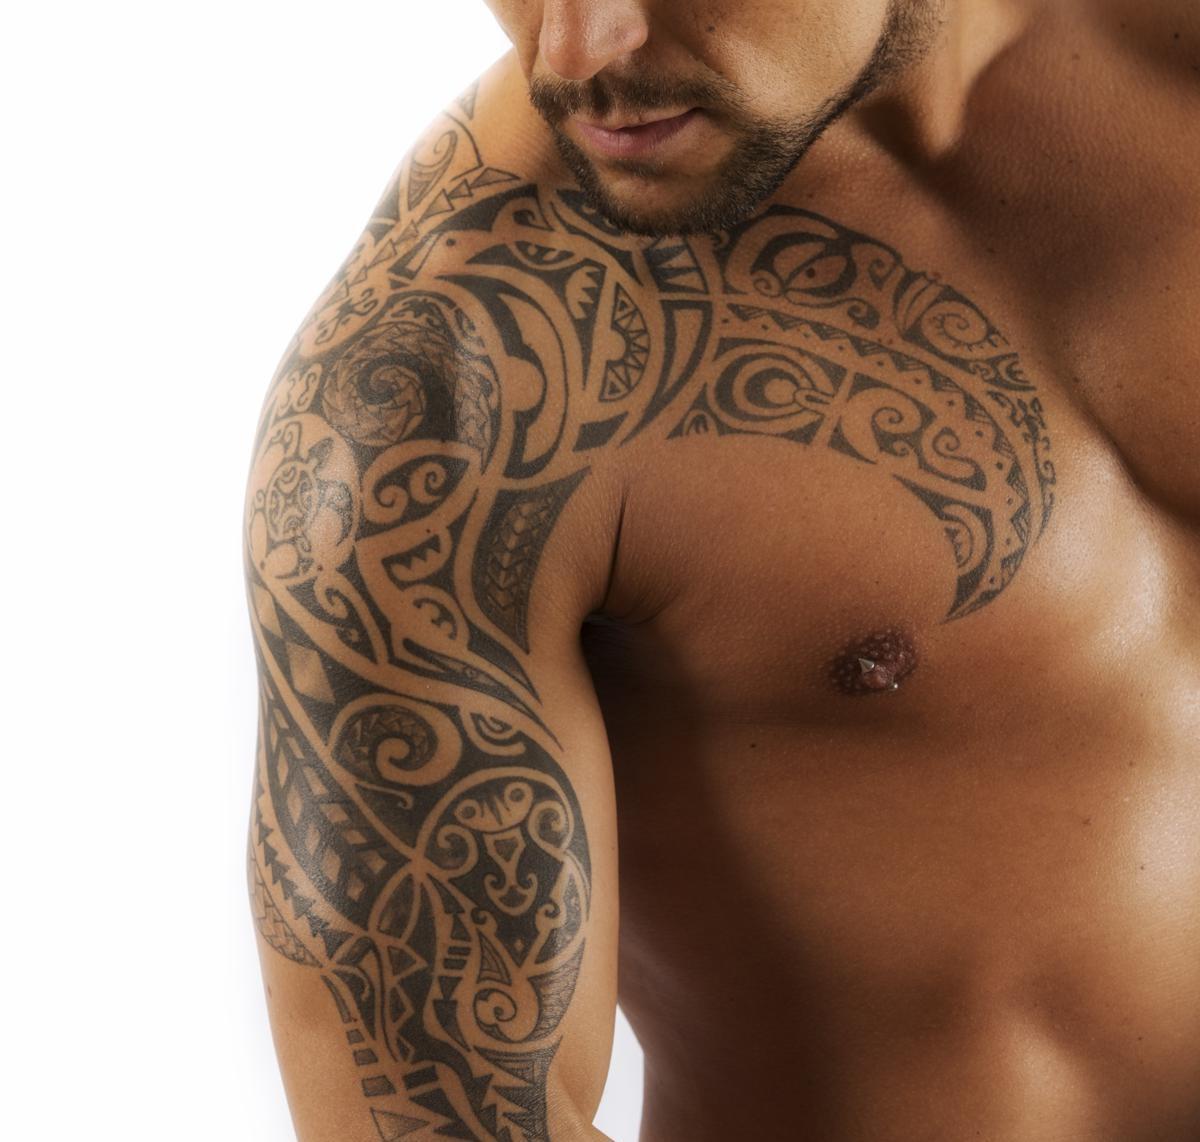 Kirituhi est le nom officiel d'un tatouage de style maori créé par ou pour un non-Maori.